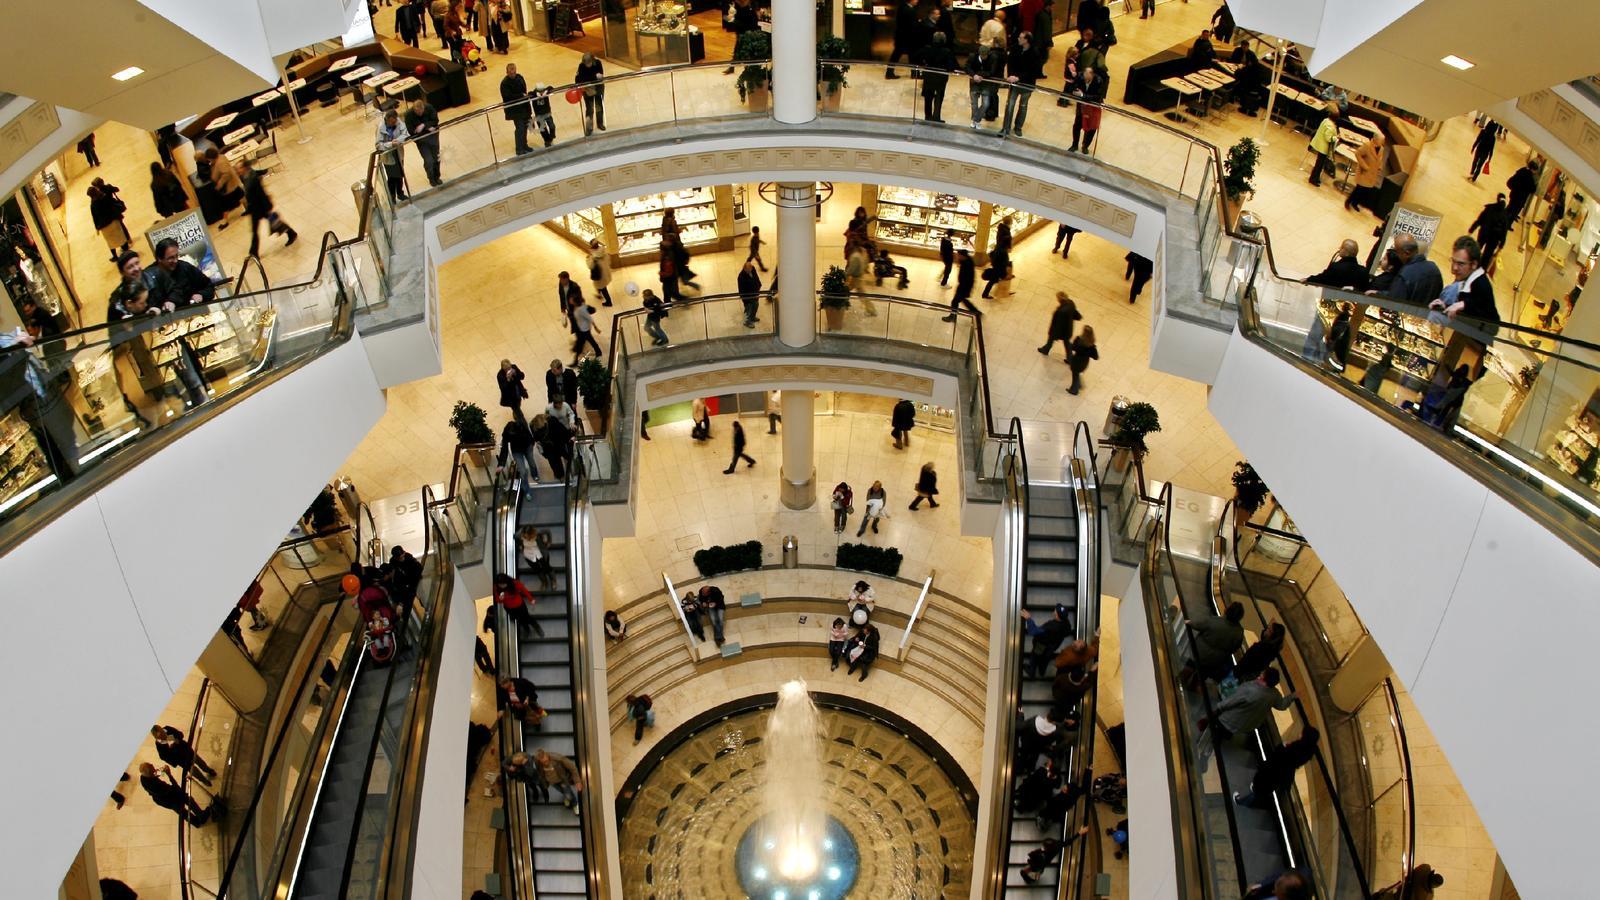 Terroranschlag Detail: Terroranschlag In Essen Vereitelt: Was War Geplant, Wer